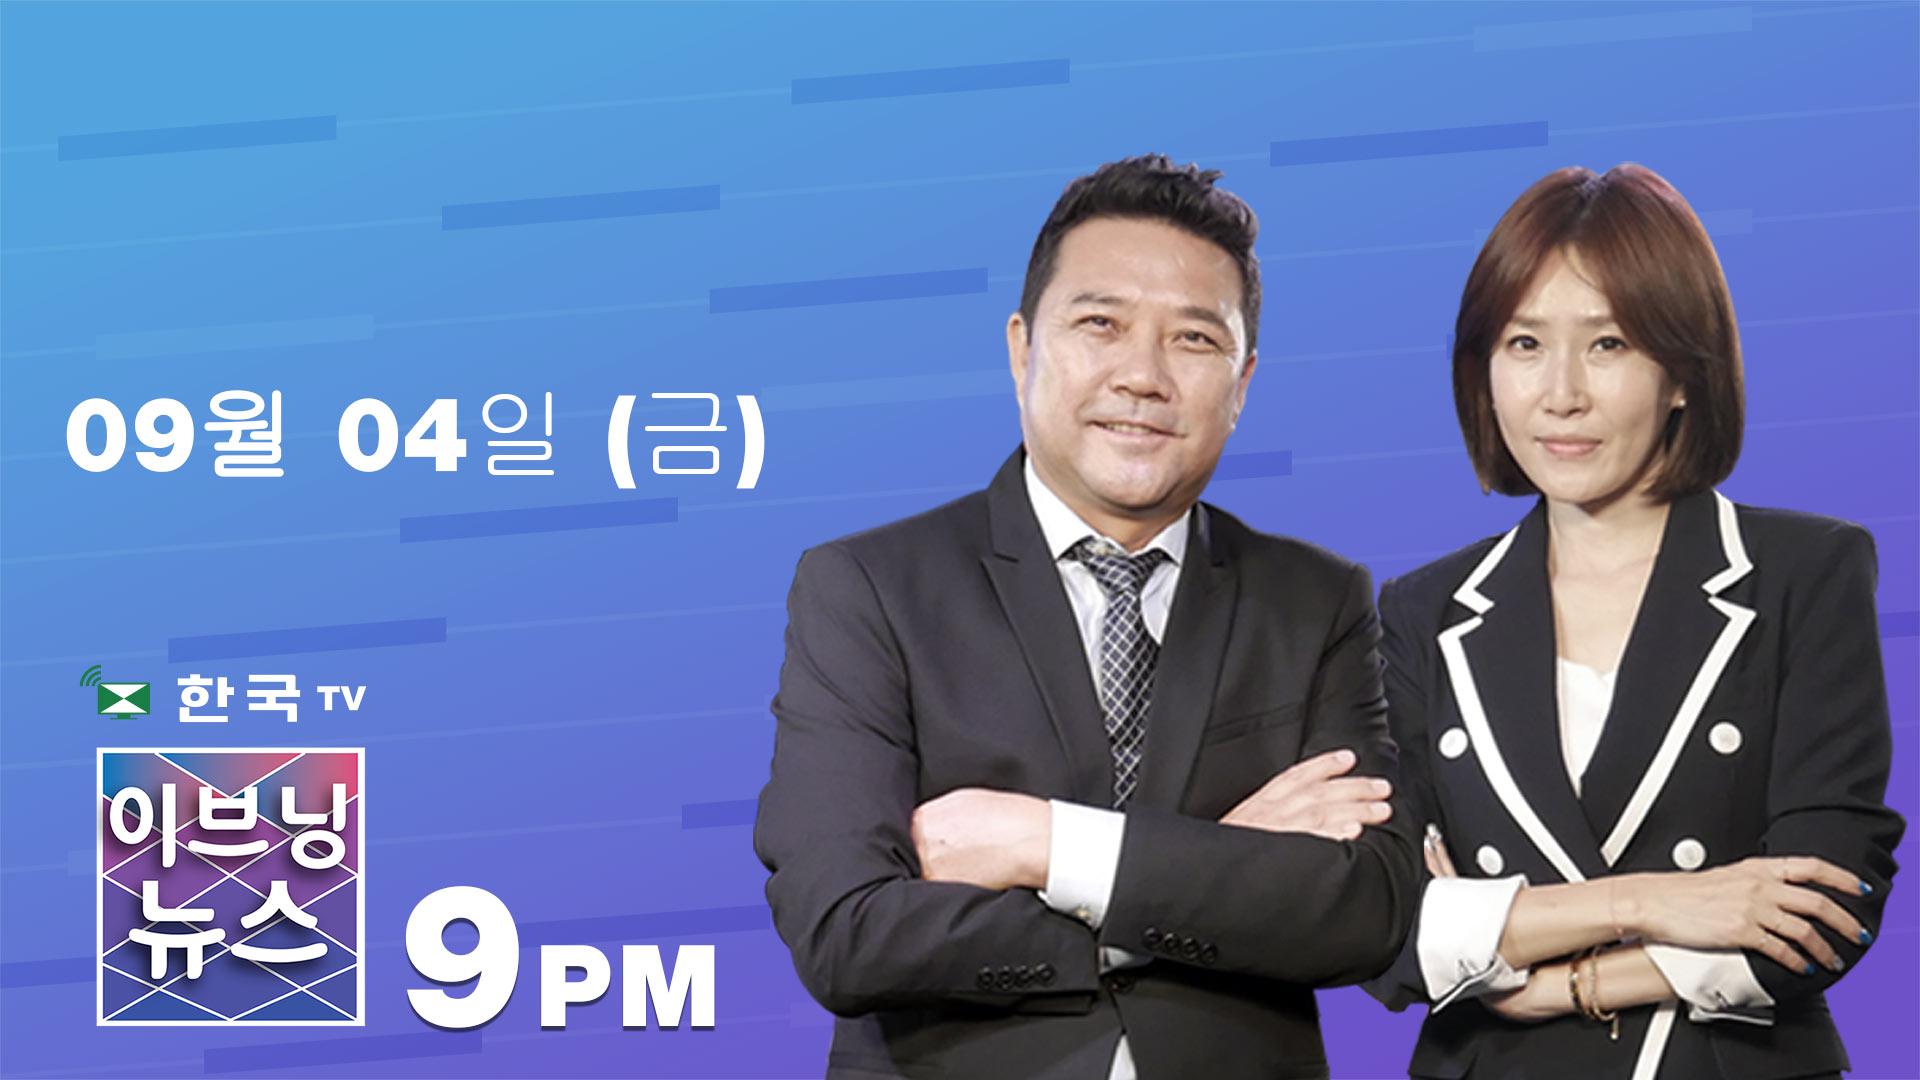 (09.04.2020) 한국TV 이브닝 뉴스